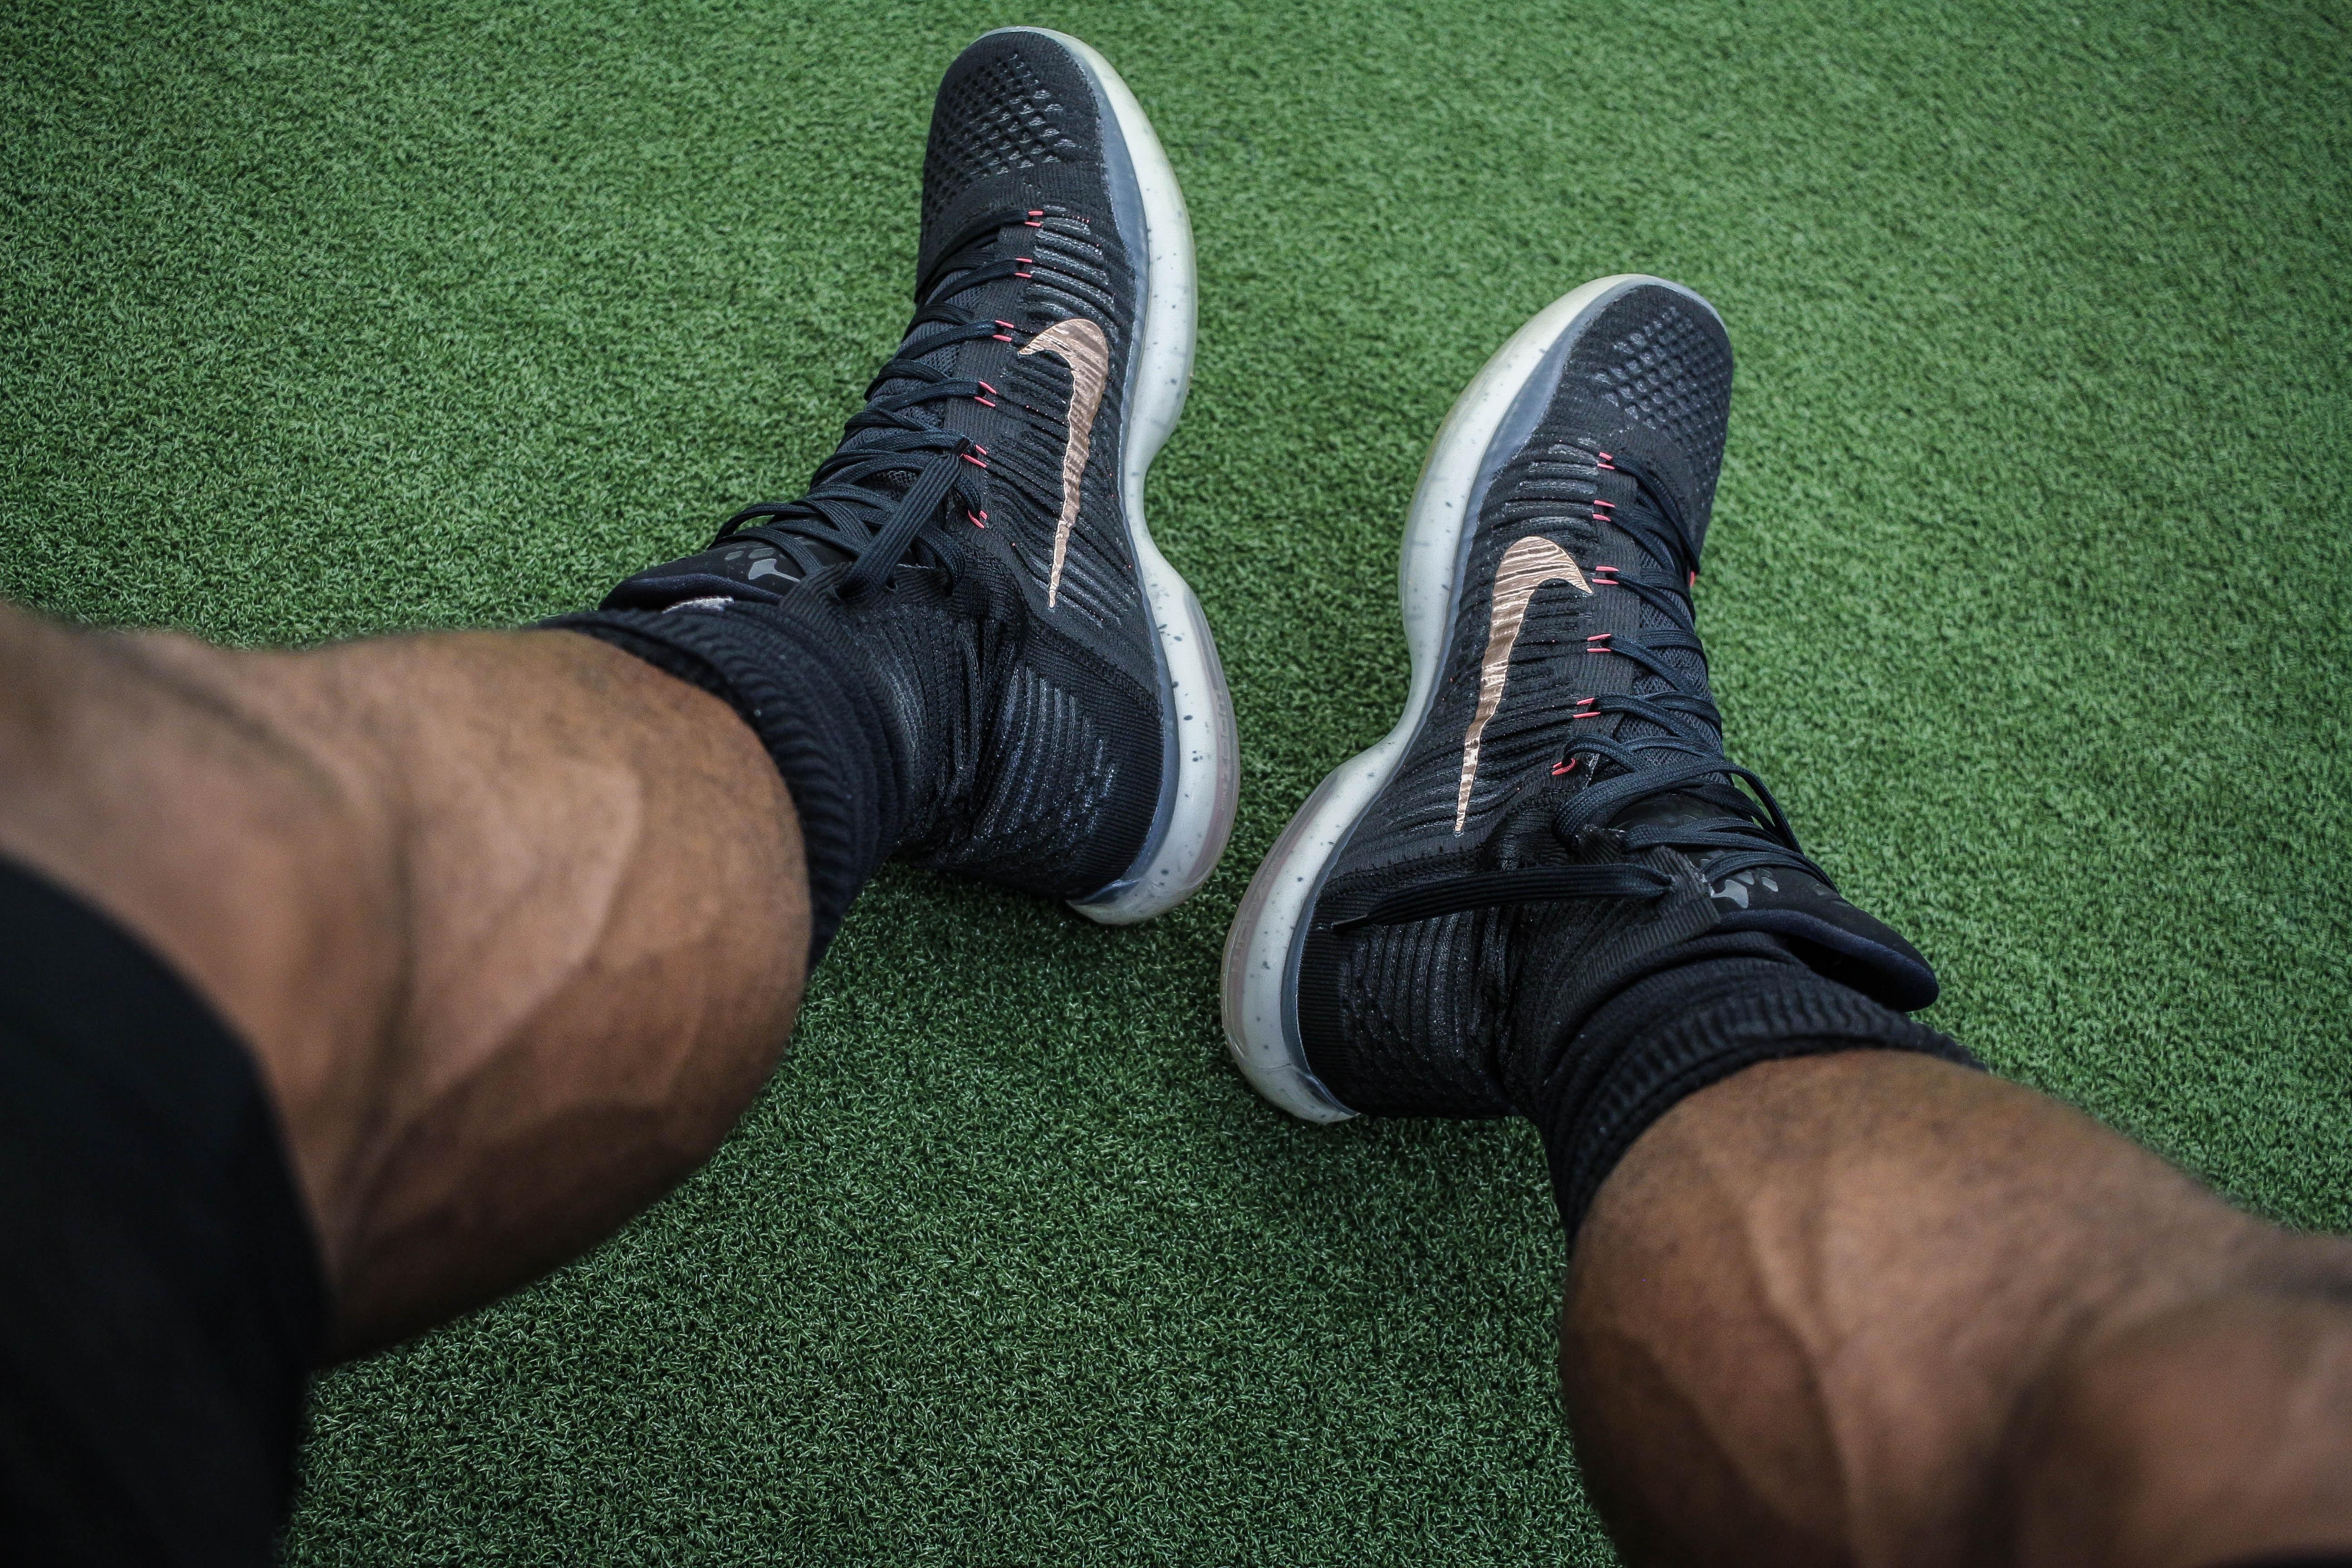 Buty do biegania, jak wybrać odpowiednie?